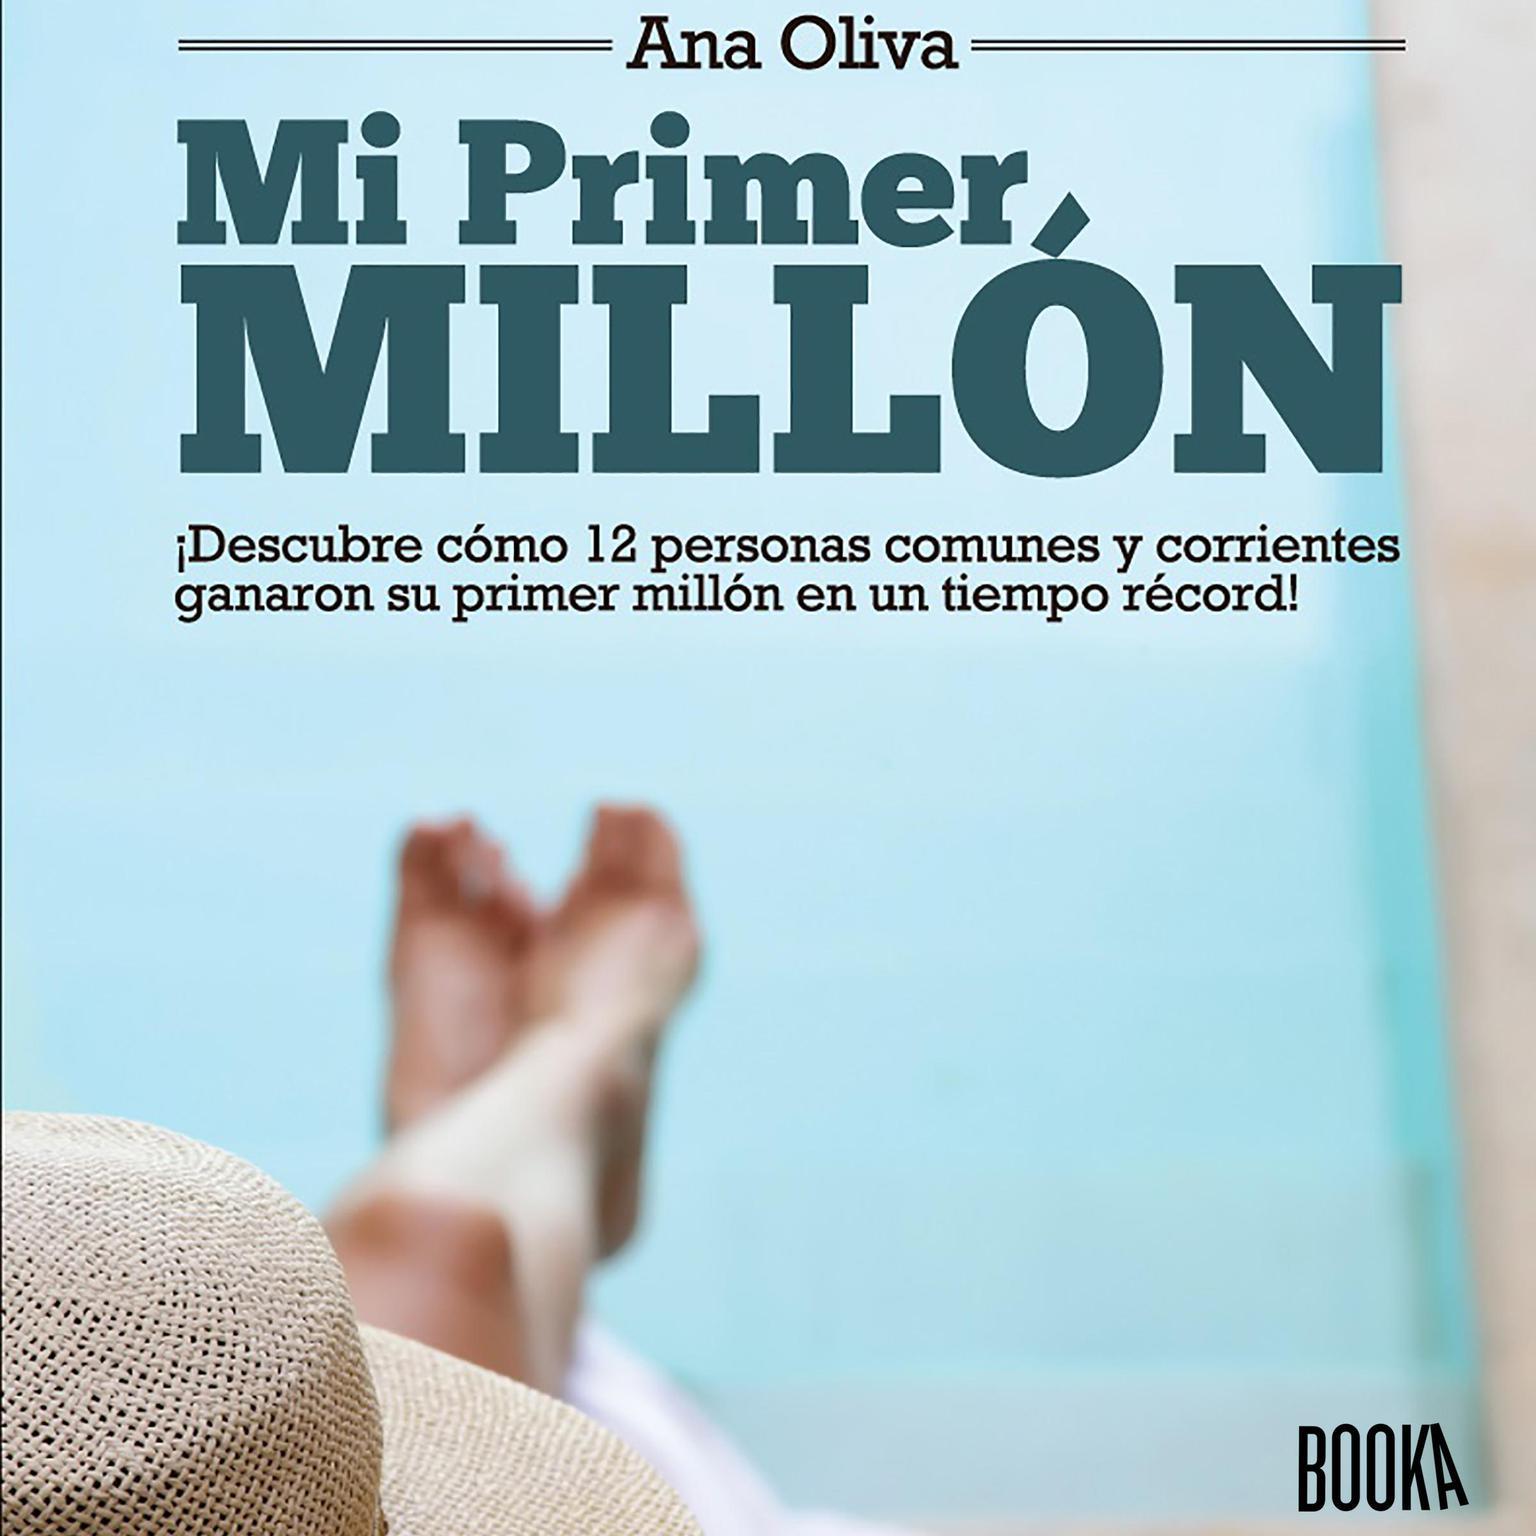 Mi Primer Millon: ¡Descubre como personas comunes y corrientes ganaron su Primer Millon en un tiempo record! Audiobook, by Ana Oliva